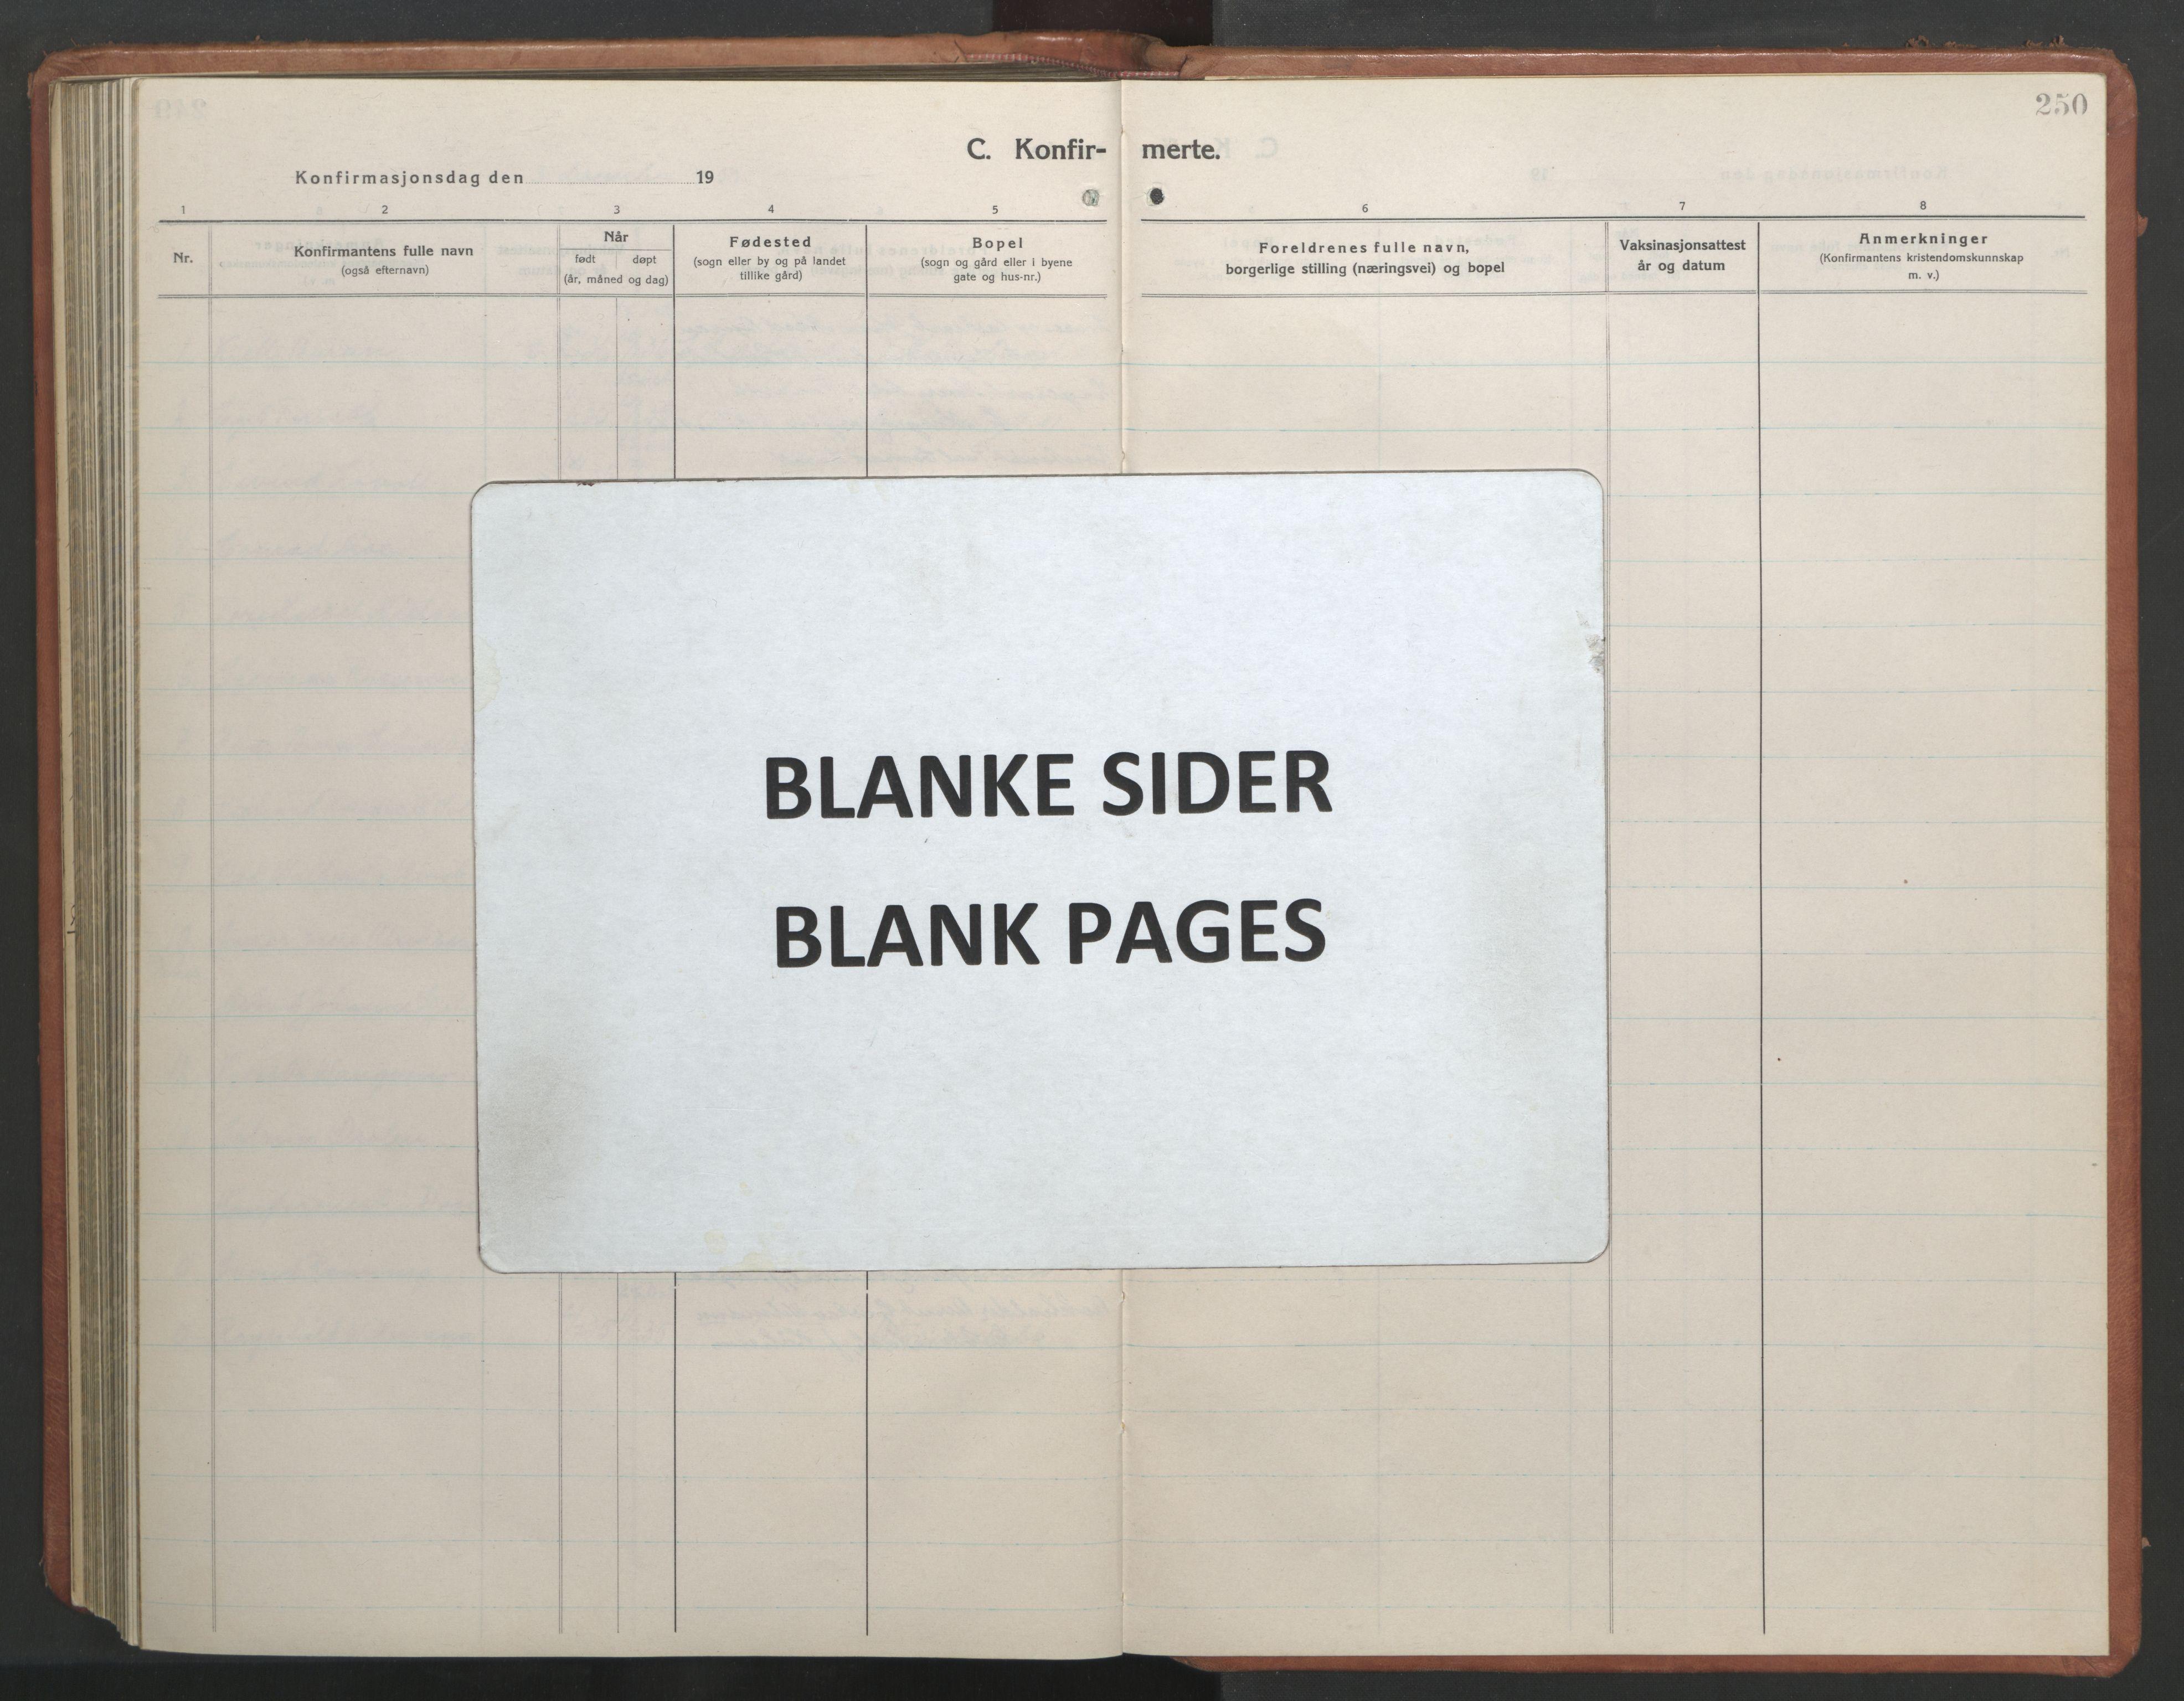 SAT, Ministerialprotokoller, klokkerbøker og fødselsregistre - Sør-Trøndelag, 604/L0228: Klokkerbok nr. 604C11, 1928-1950, s. 250